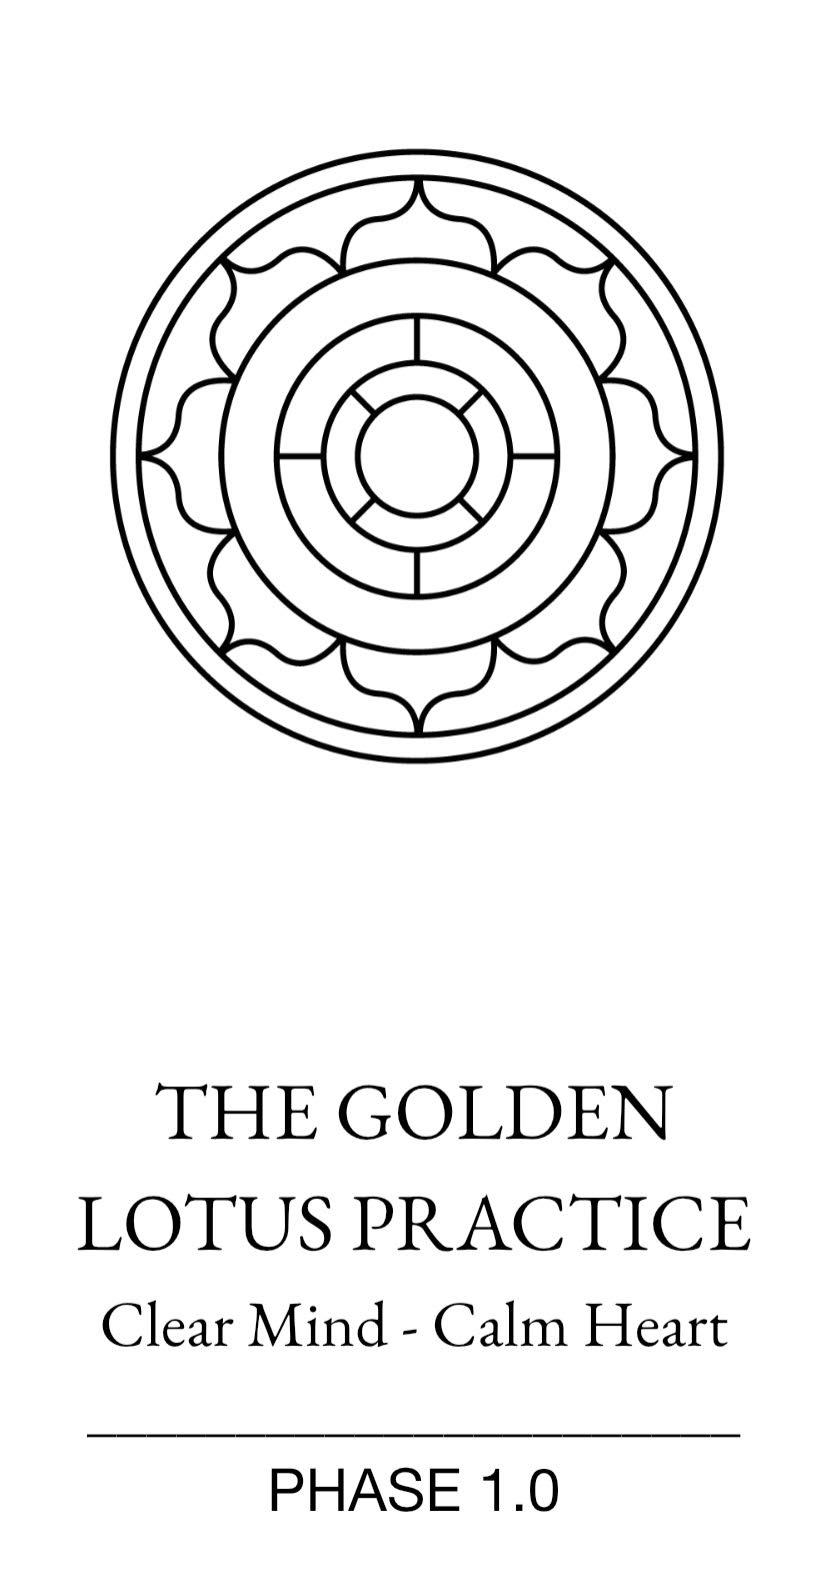 The Golden Lotus Practice Brochure Download